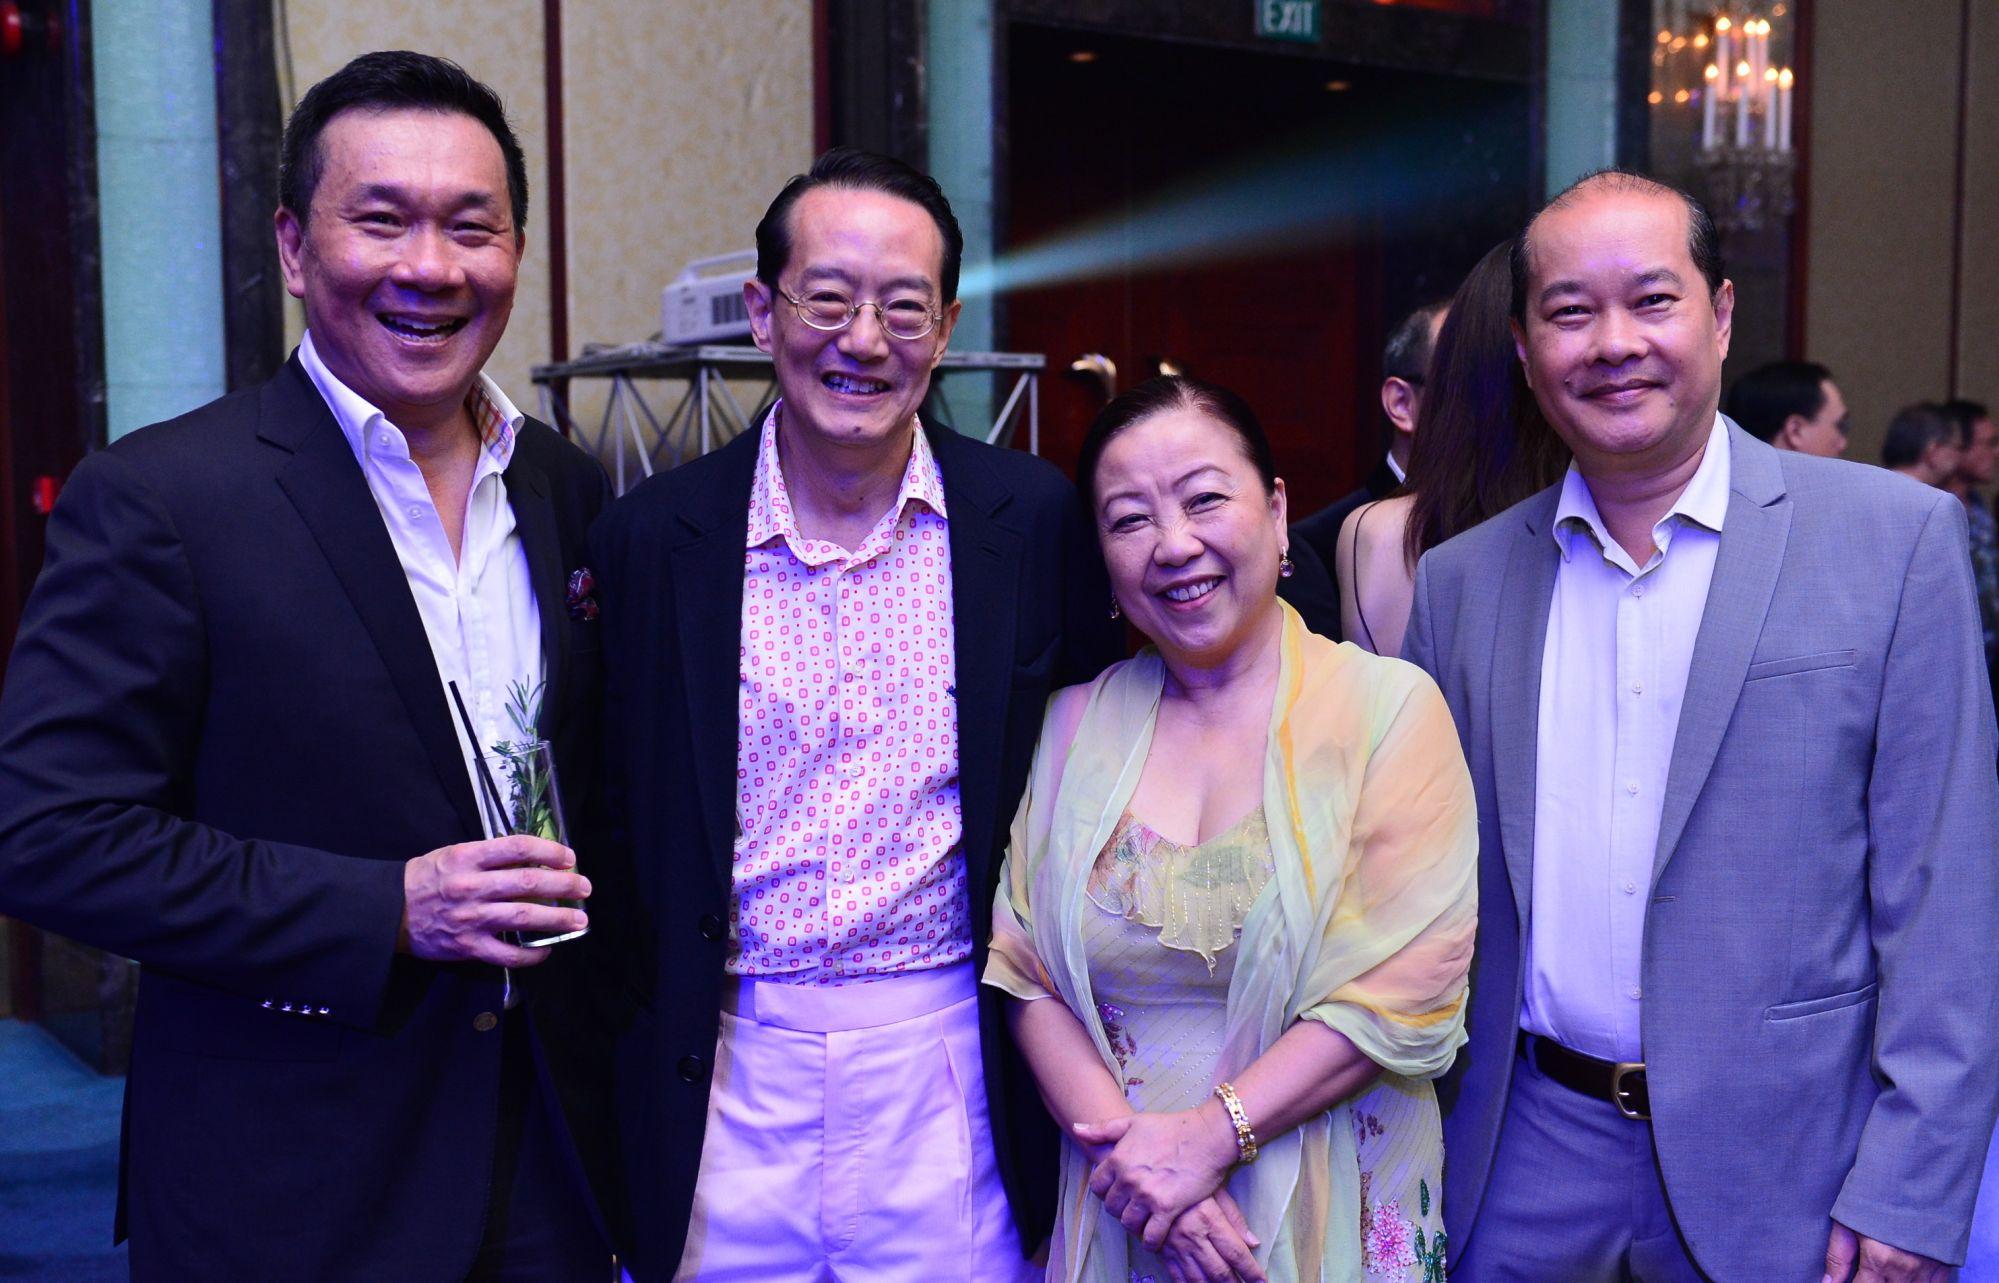 Ivor Lim, Woffles Wu, Lim Juay Woon, Phan Toan Thang